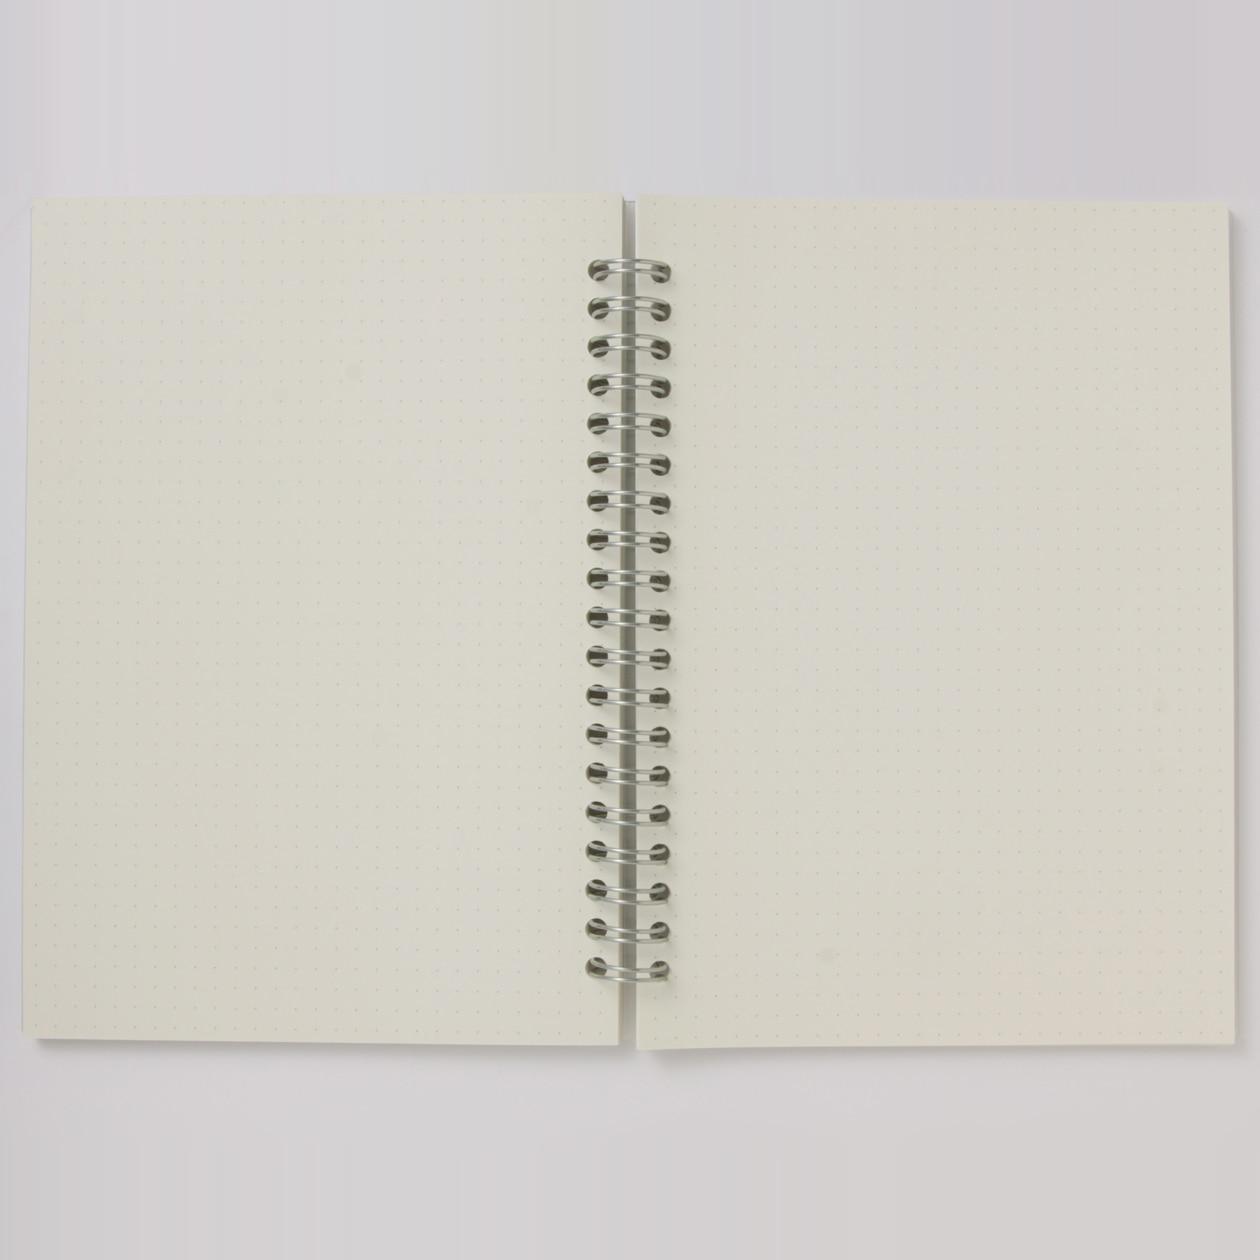 コピー用紙や付箋にメモしたときは、後からこの方眼ノートにそれを貼り付けて一元管理します。A4など大きいサイズの紙の場合は、畳んで、開いたときに見やすいように  ...